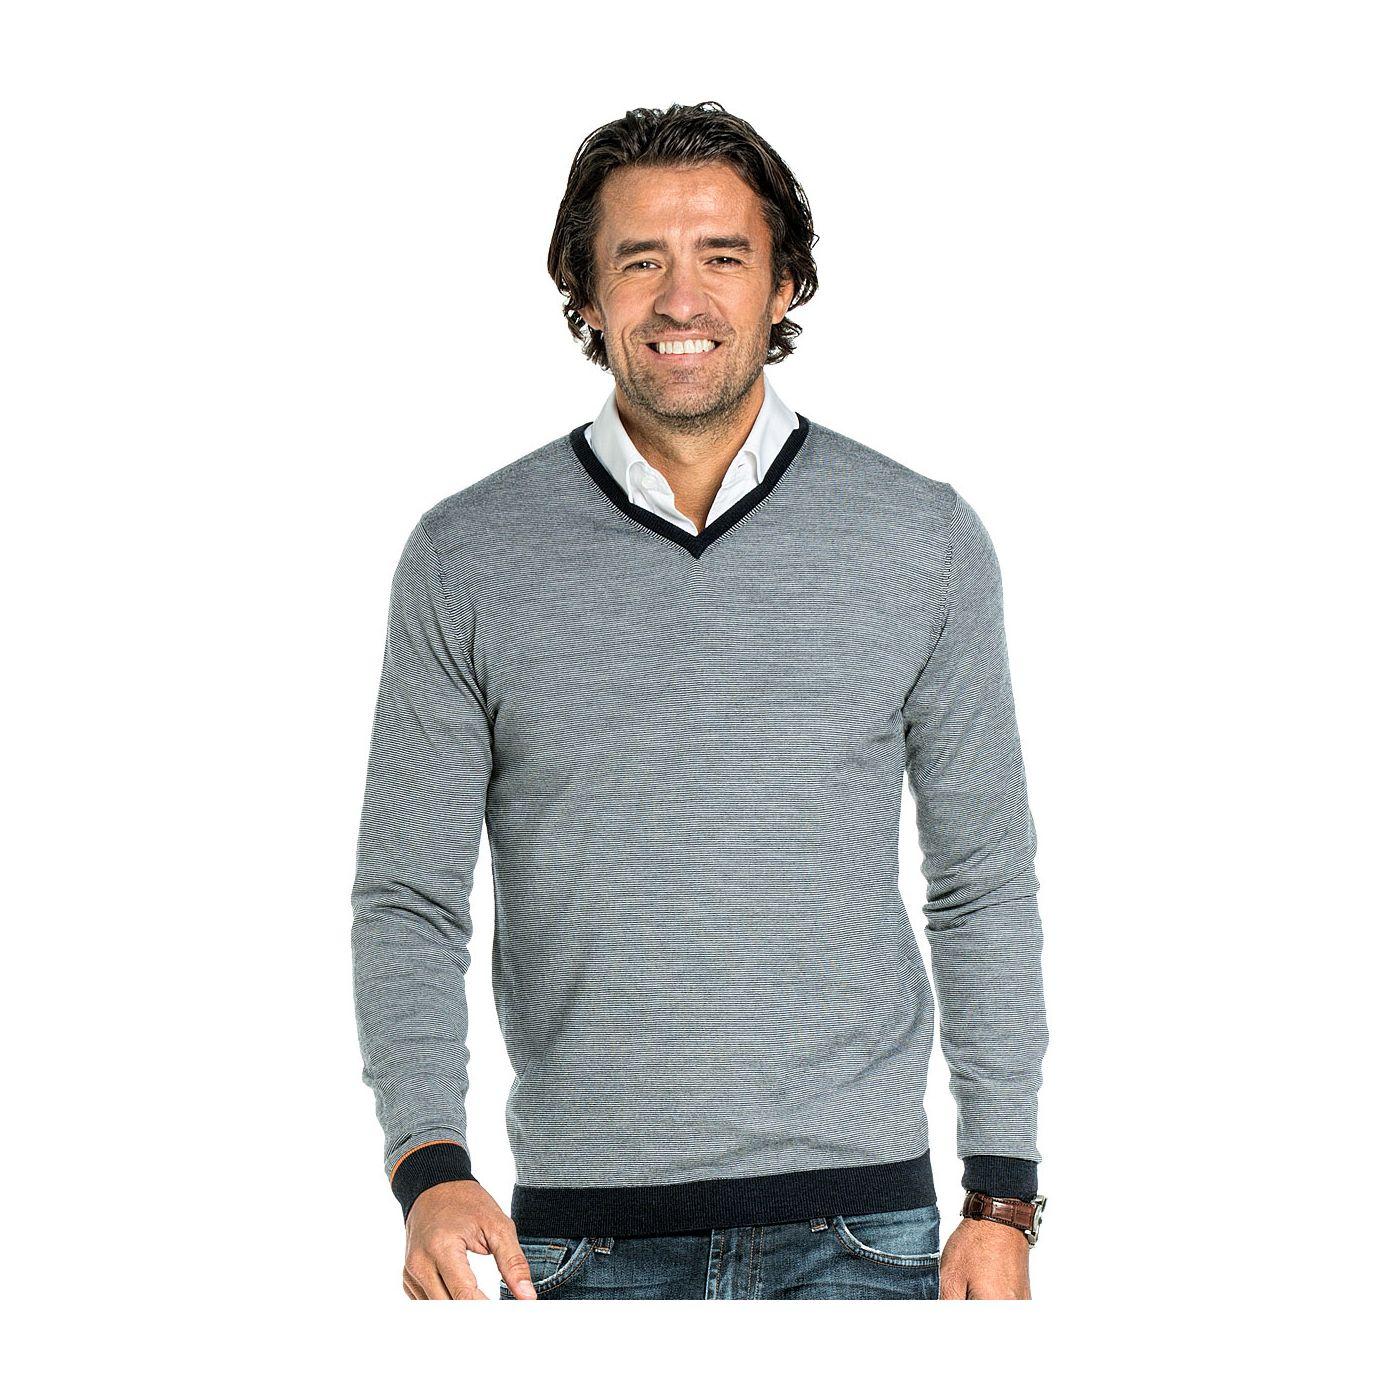 V-Neck sweater for men made of Merino wool in Dark blue